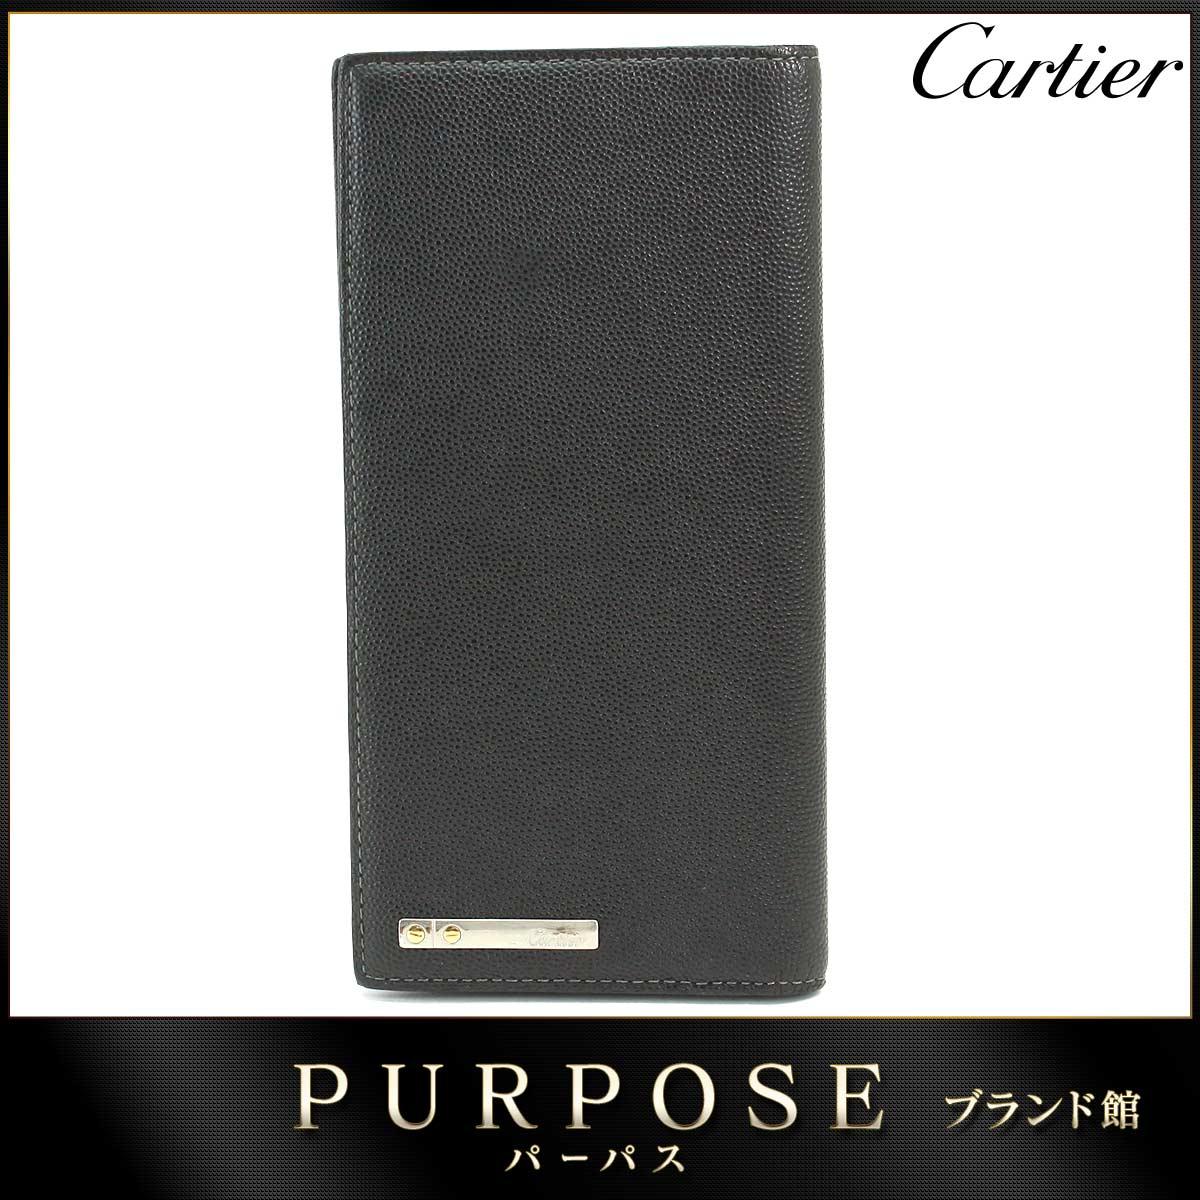 カルティエ Cartier サントス 二つ折り 長財布 レザー ブラック L3000769 【中古】